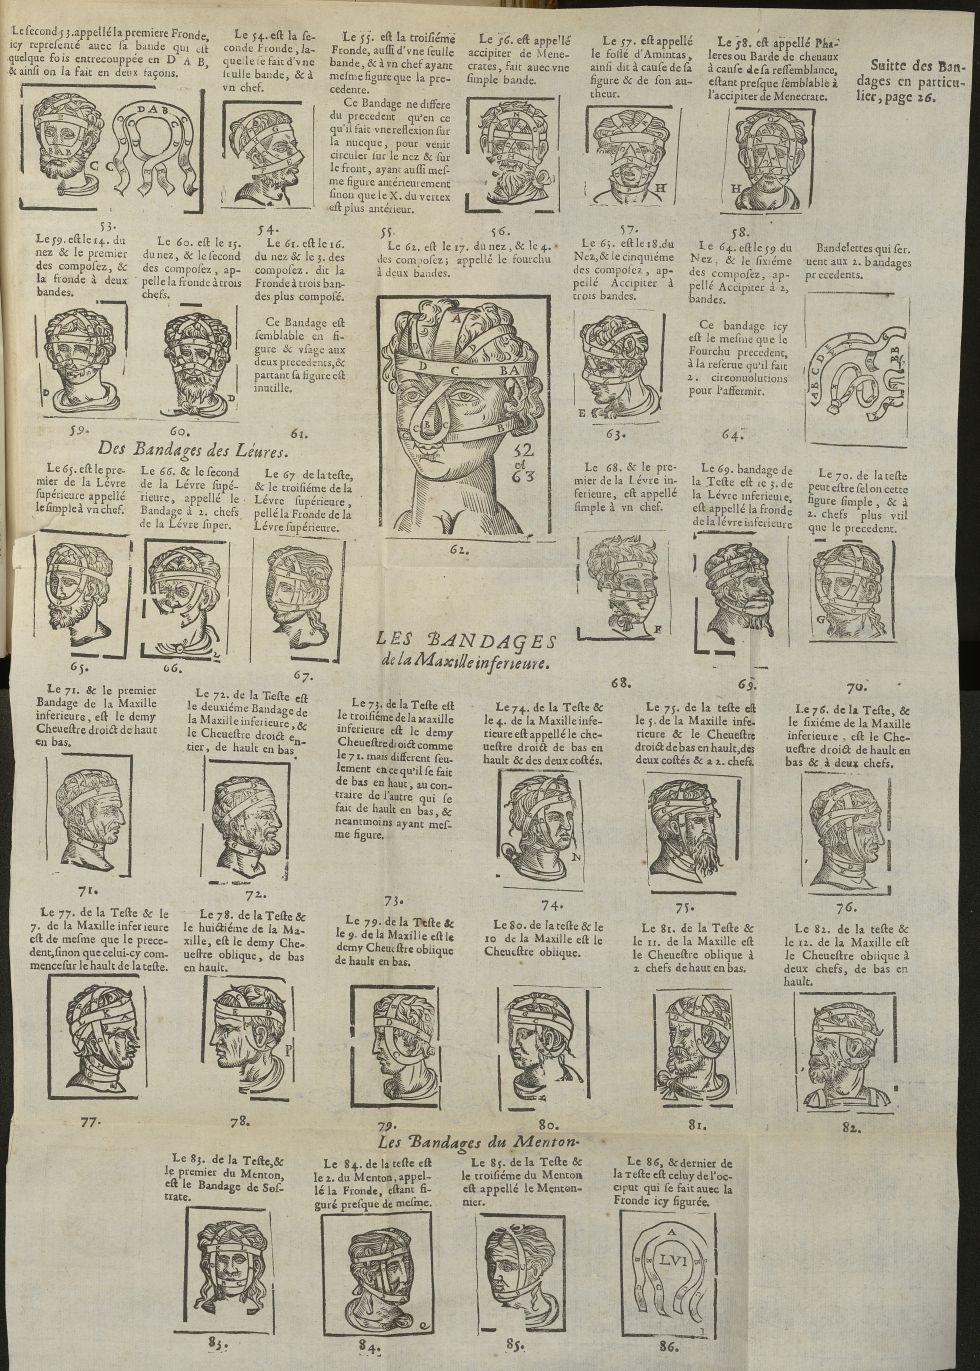 Des bandages des léures / Les bandages de la maxille inferieure / Les bandages du menton - L'Oeconom [...] - Matériels. Pansements. 17e siècle - med5207Ax0782